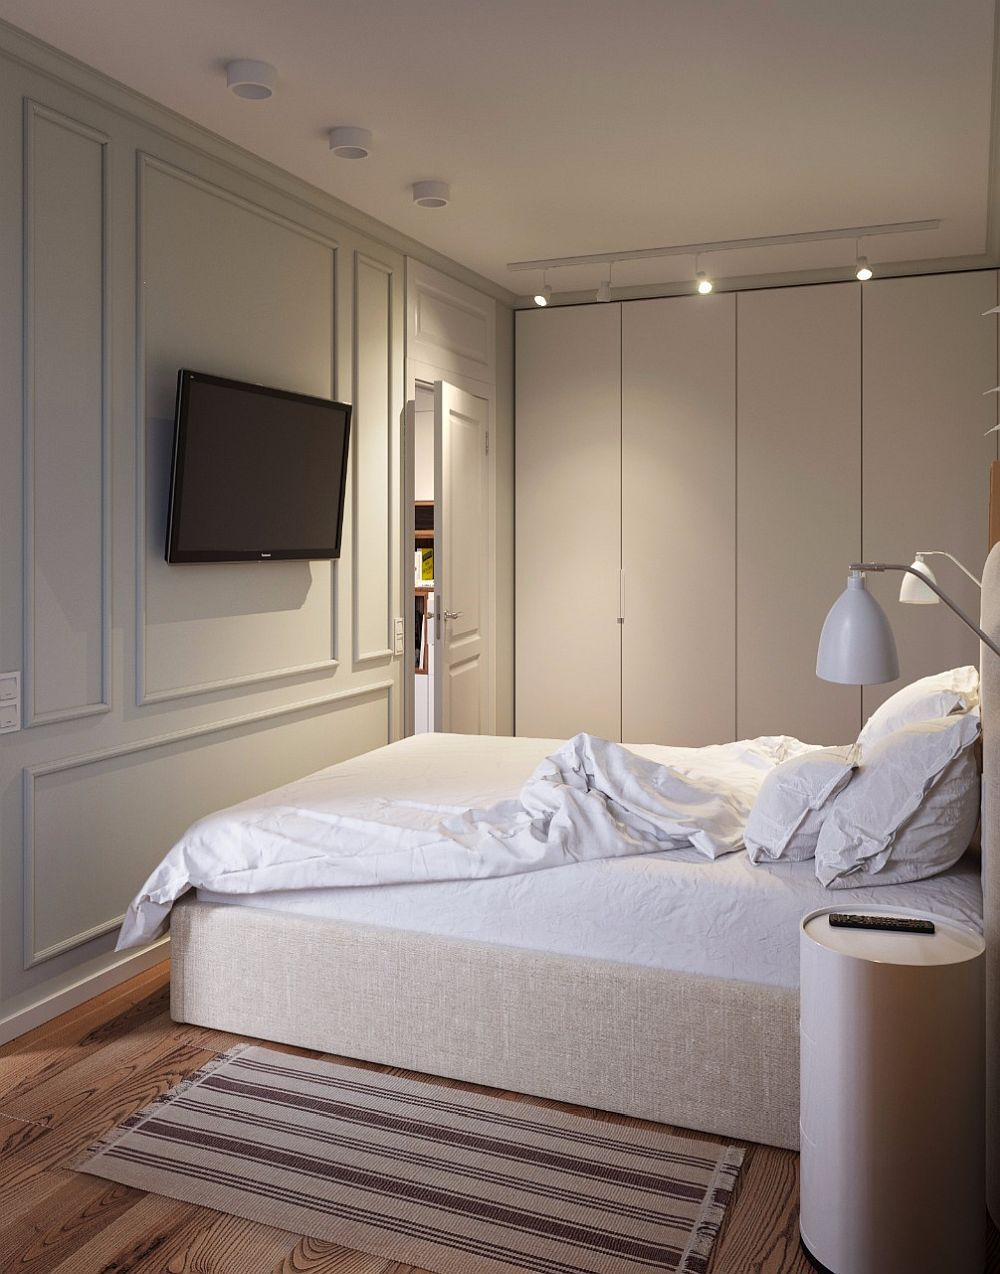 Pentru că tinerii și-au dorit televizor în dormitor, arhitecții au prevăzut încă din faza de proiect prizele pentru acesta astfel încât odată suspendat pe perete cablurile să nu fie la vedere.